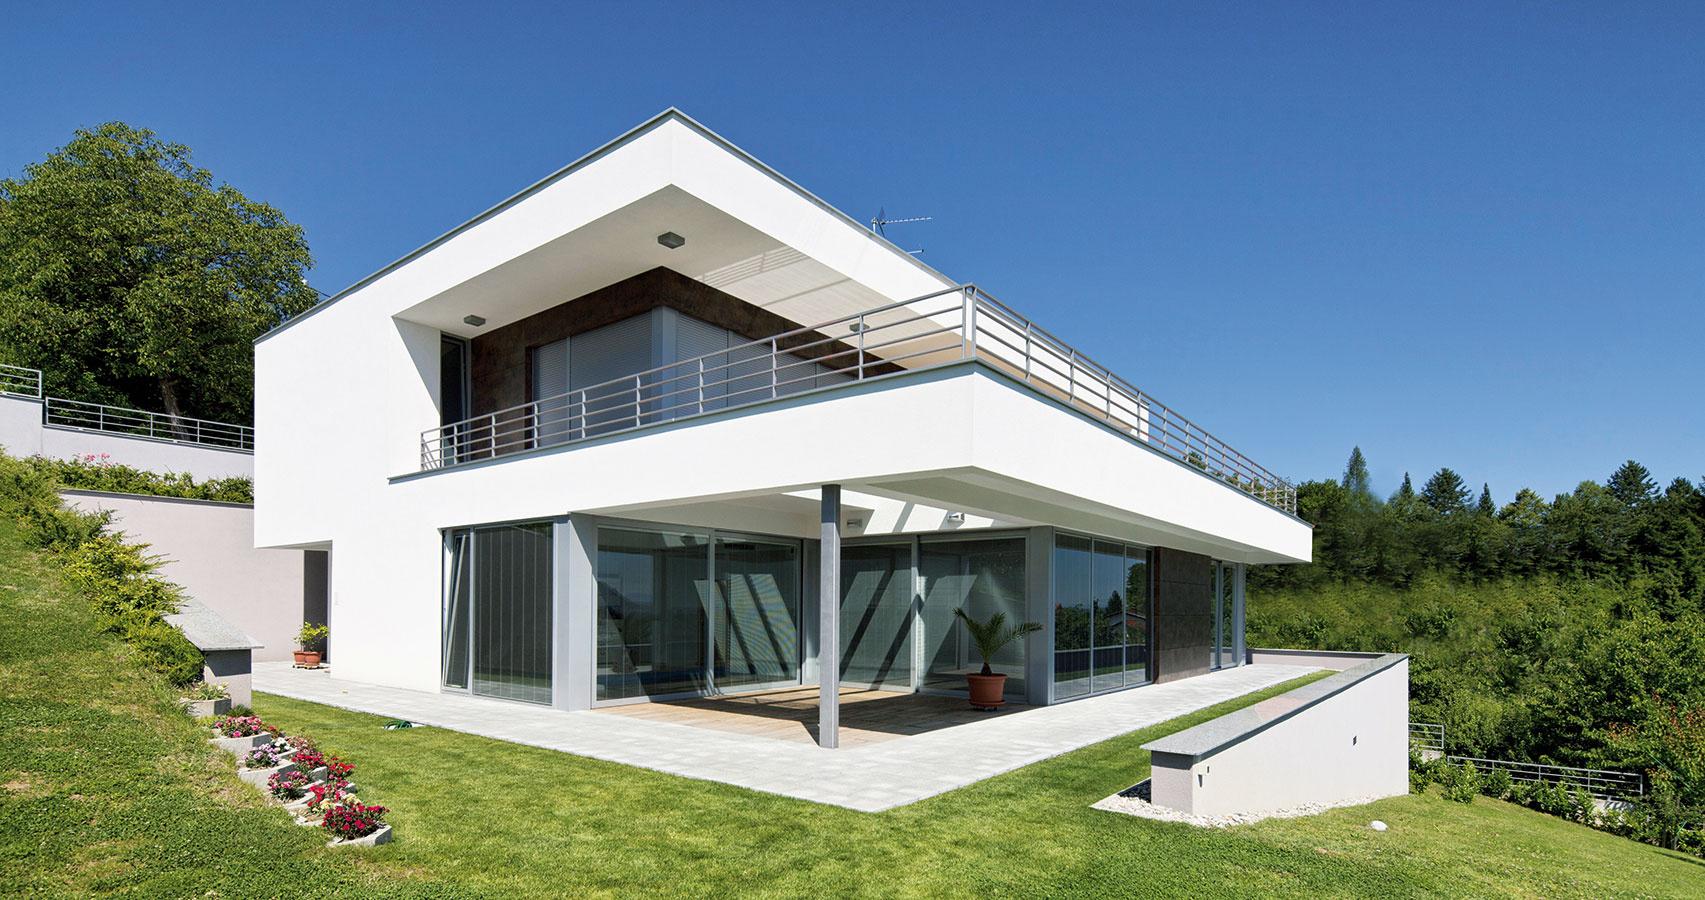 Tvarom ktieňu. Okrem tepelnej izolácie, ktorá pomáha udržiavať optimálnu klímu vinteriéri rovnako vzime ako vlete, môže zatienenie zasklených plôch ovplyvniť aj samotná stavba. Pred prehrievaním interiéru dokážu účinne chrániť vhodne navrhnuté balkóny, slnolamy alebo presahy poschodí či striech.